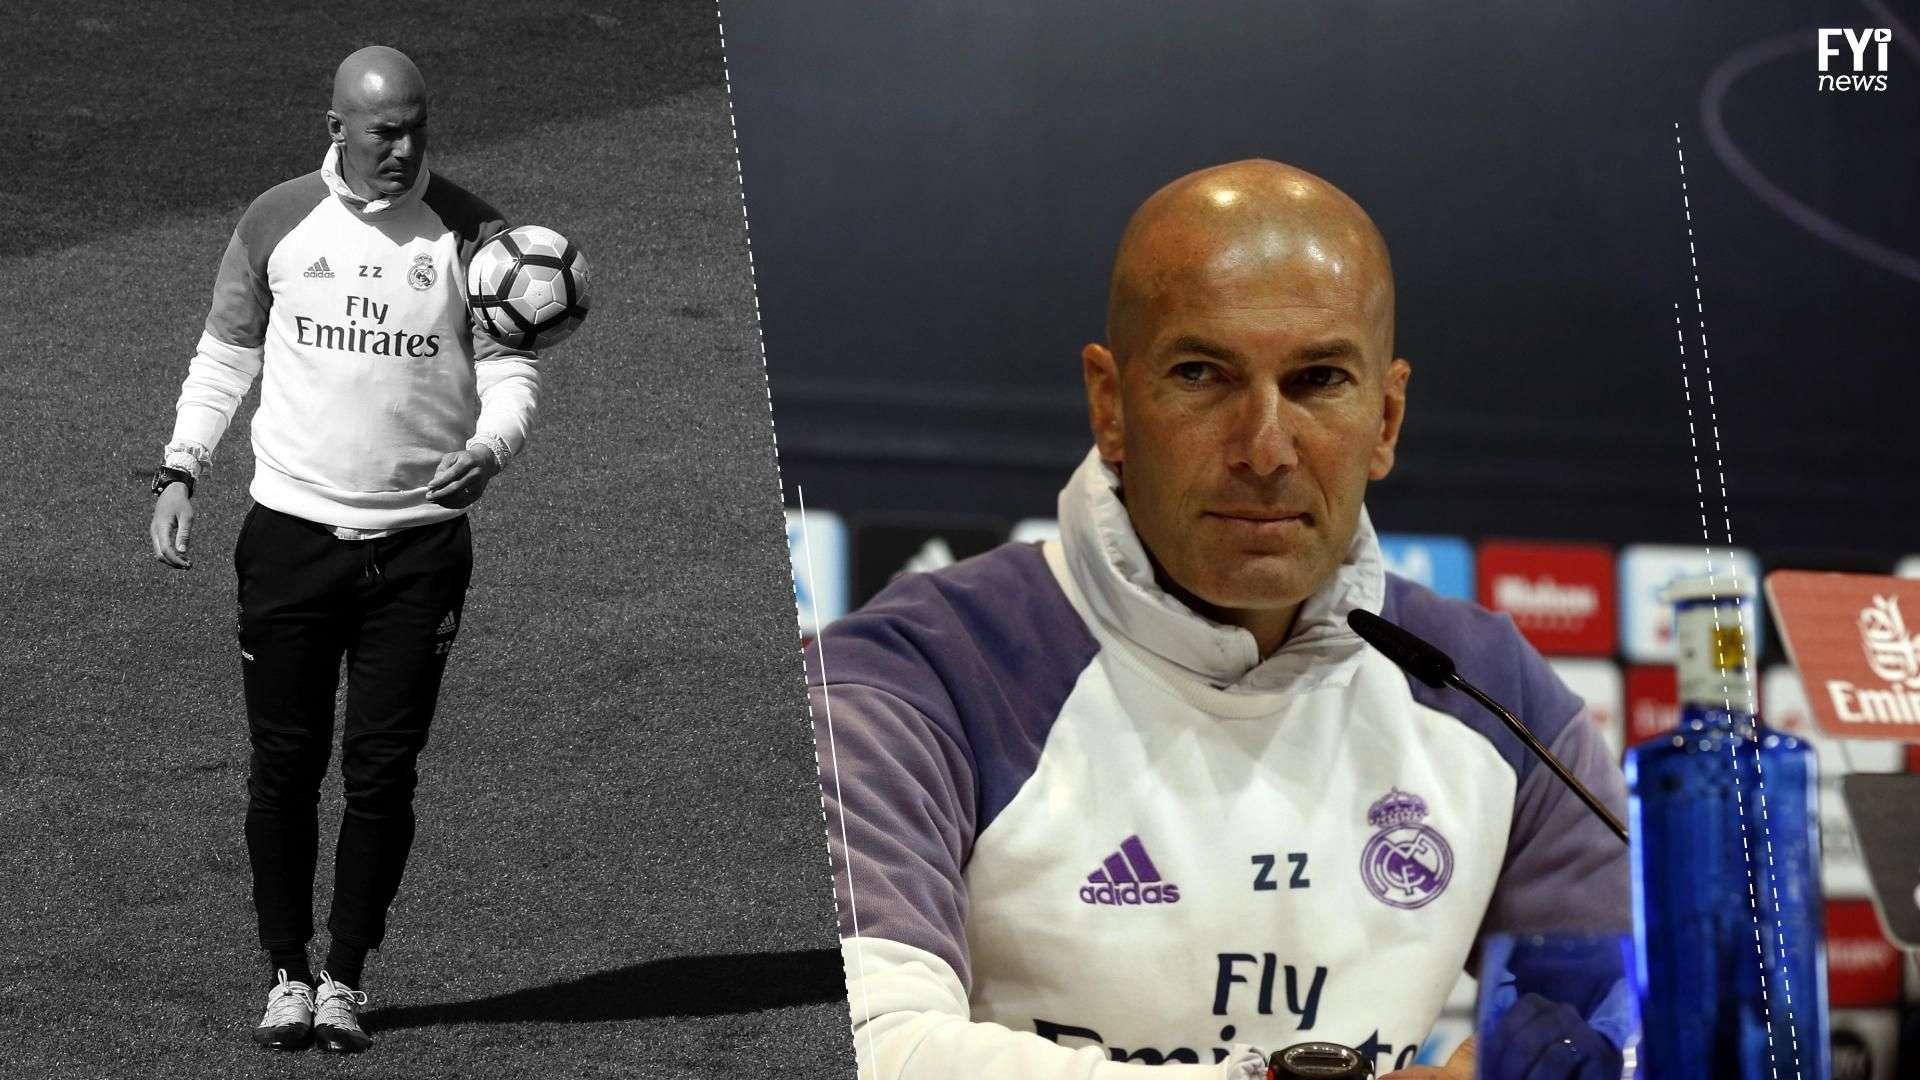 Zidane, la cabeza detrás de las estrategias